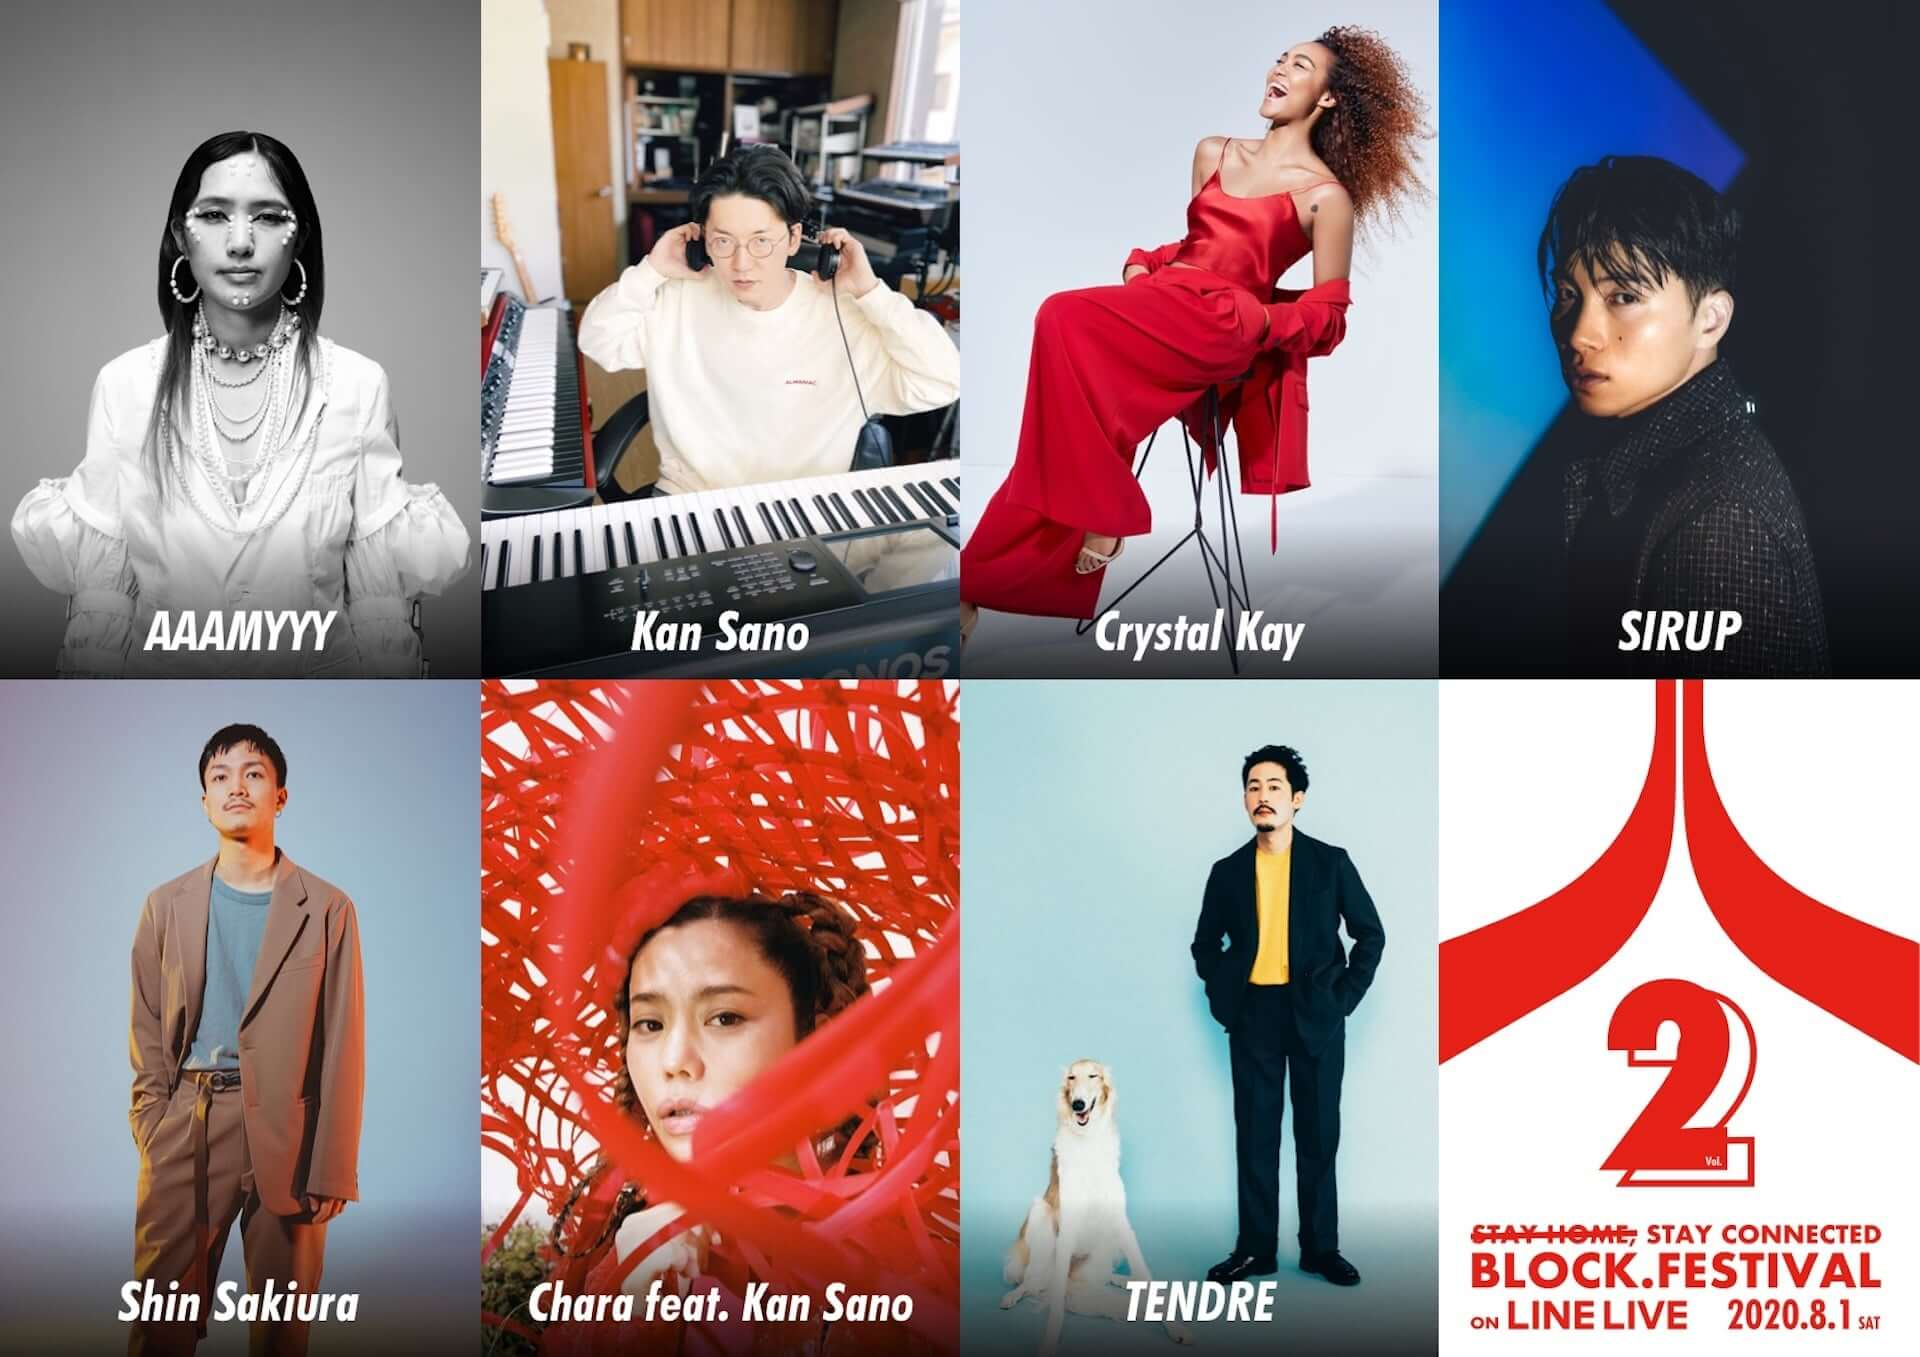 オンライン夏フェス<BLOCK.FESTIVAL>Vol.2の第1弾ラインナップが発表!Crystal Kay、Shin Sakiura、Chara、SIRUPら7組 music200709_block_fes_1-1920x1357